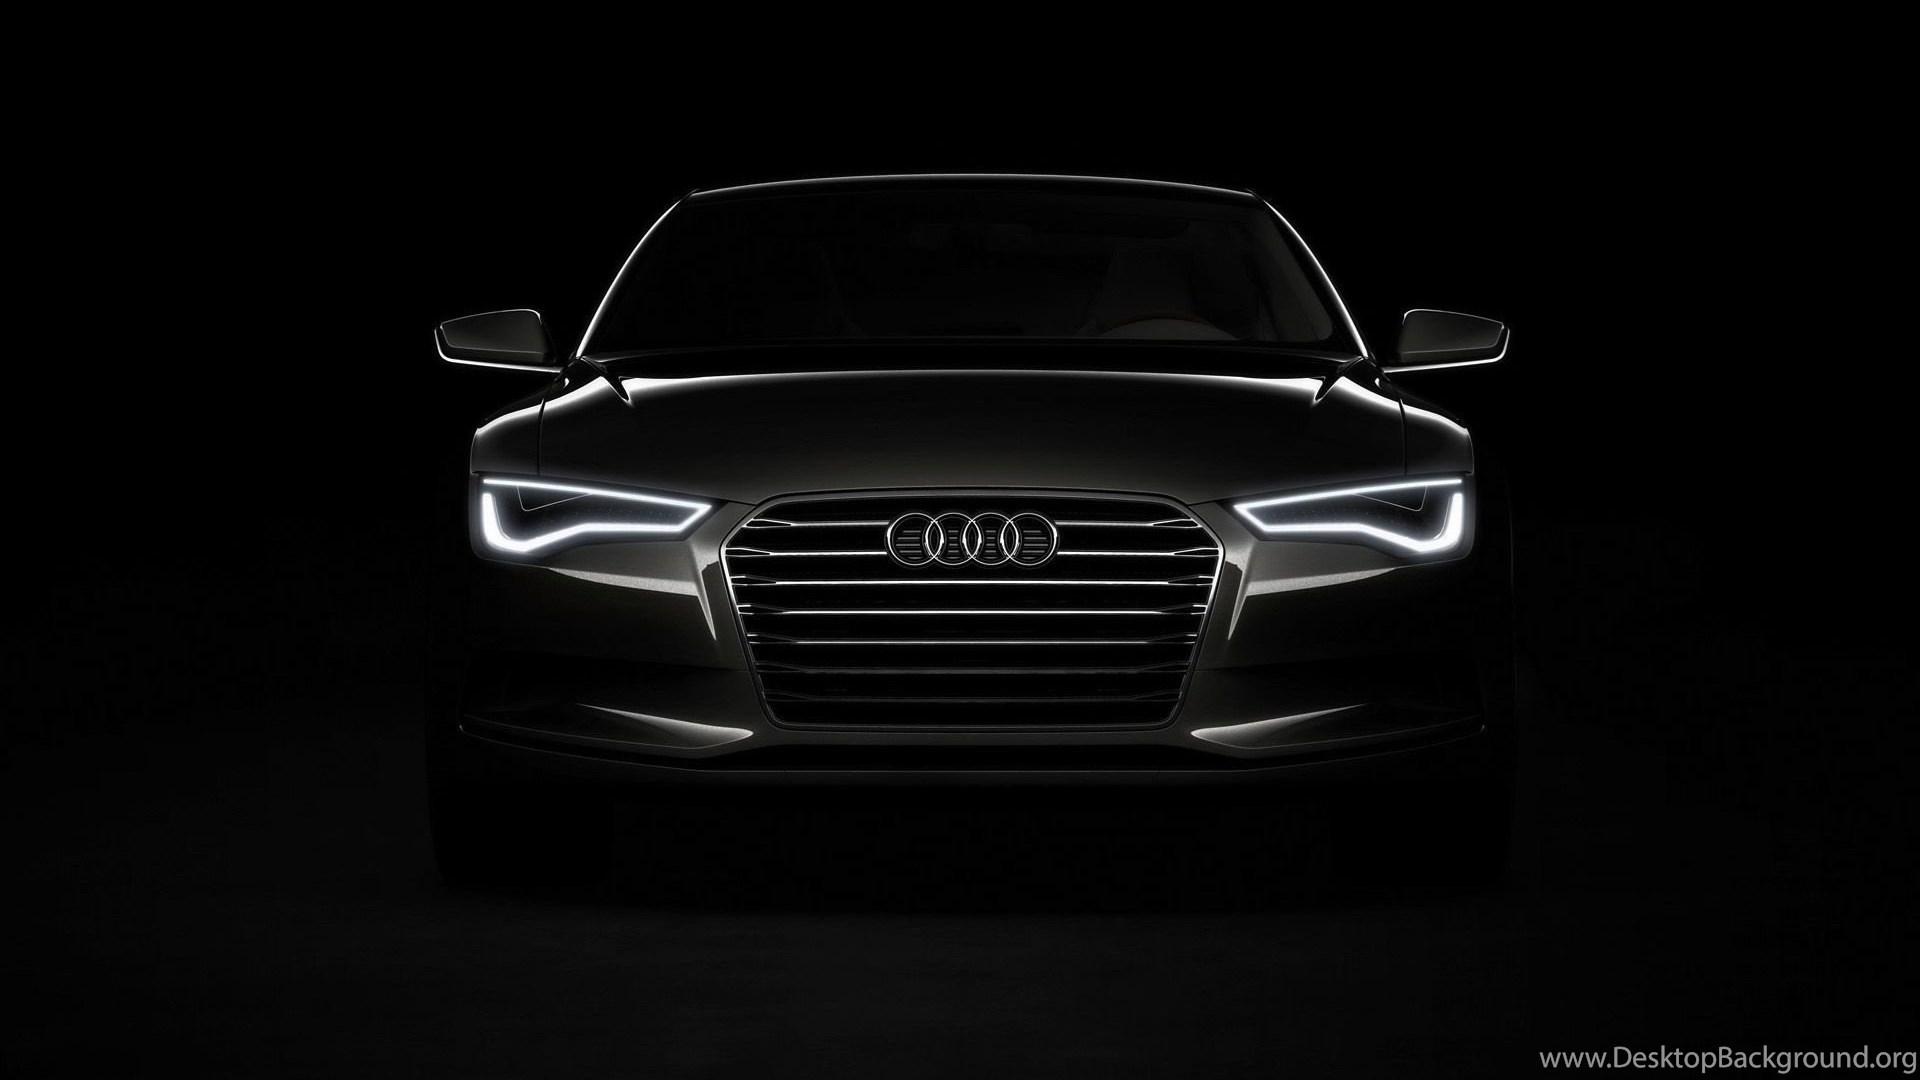 Audi A7 Wallpapers Black Image Desktop Background